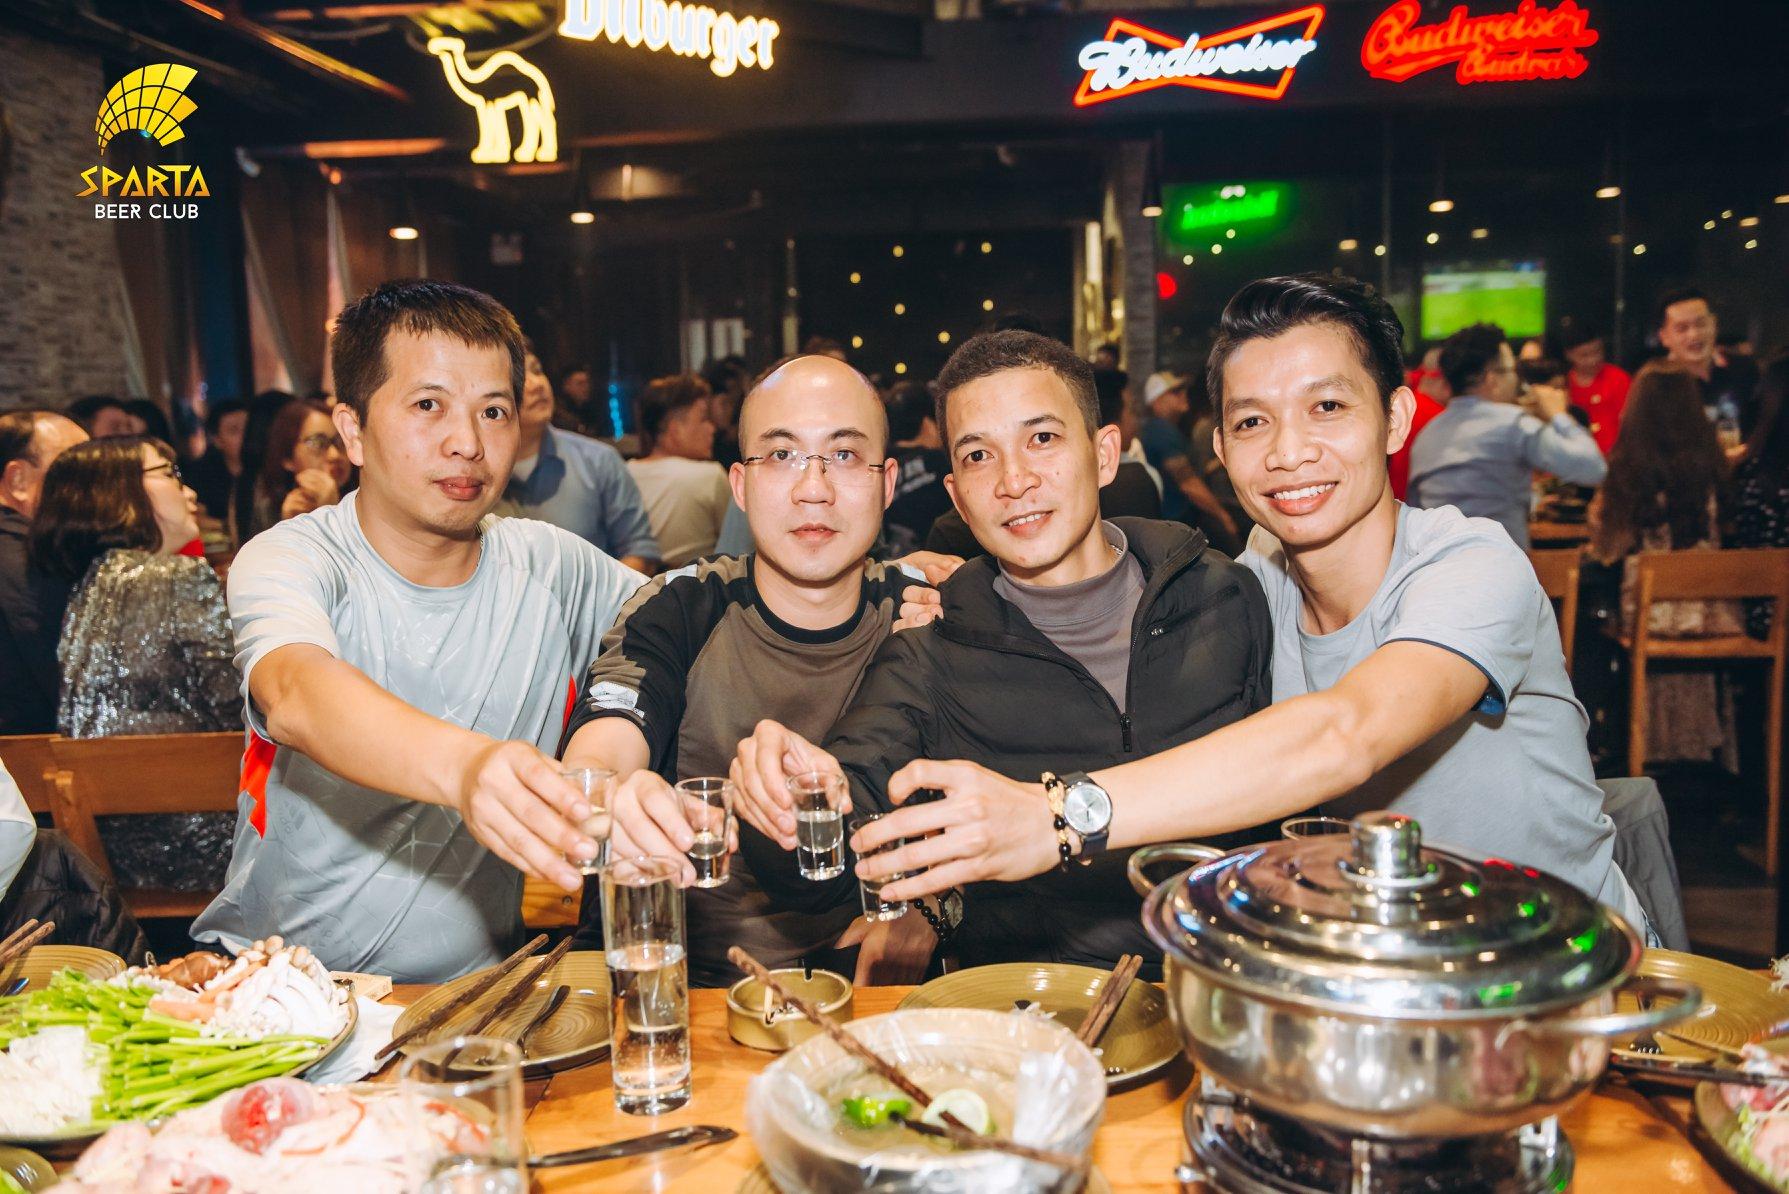 Sparta Beer Club 1